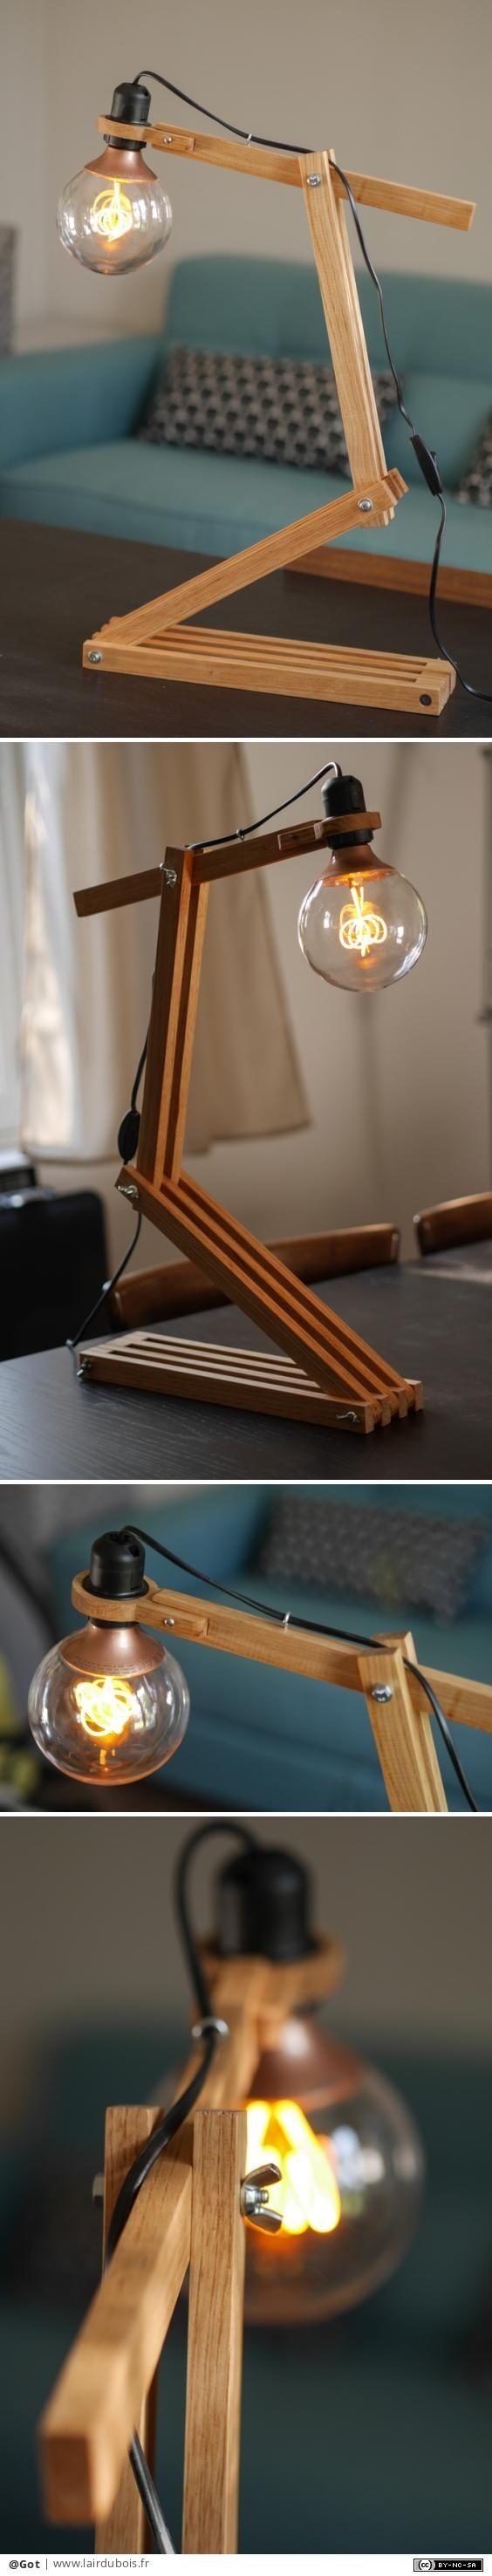 """Lampe architecte par Got - Encore une lampe, pour faire un cadeau de Noël aussi. Celle ci est plus classique et inspirée de ce que j'ai pu voir sur l'air du bois entre autres. Pas de grosses prouesses techniques, le plus """"compliqué""""..."""